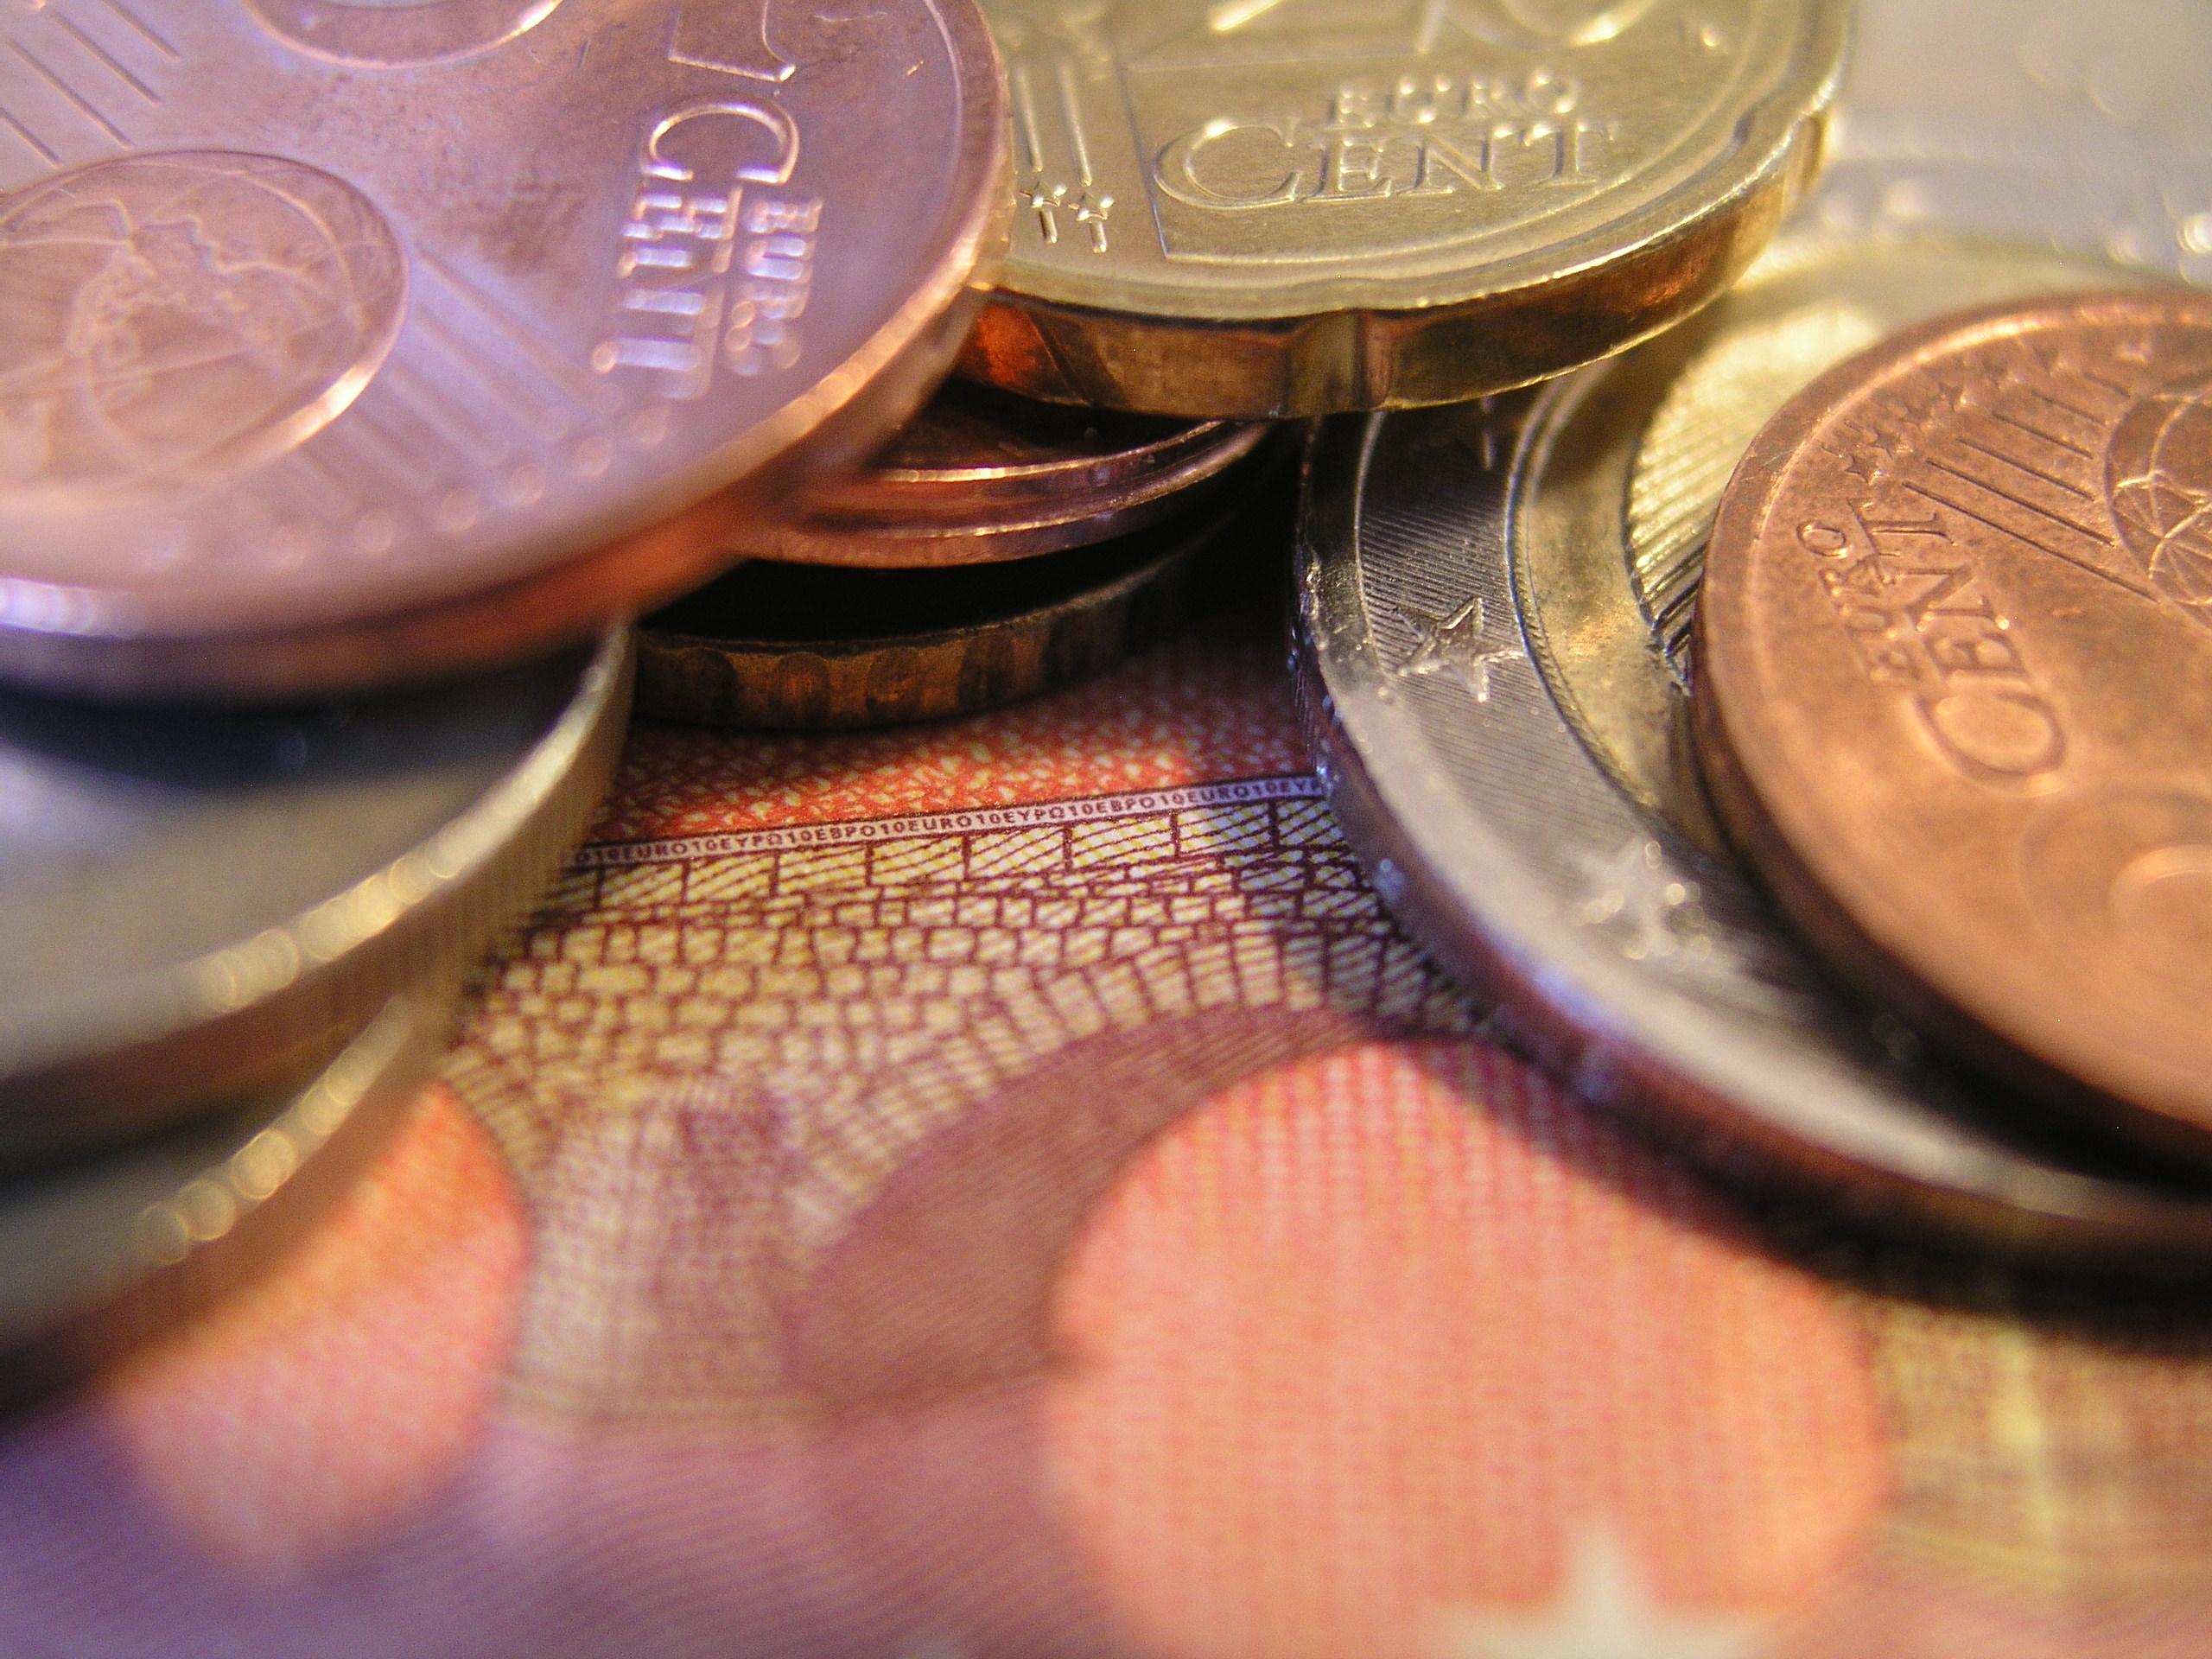 Zu erkennen sind Münzen, die auf einem 10 Euro Schein liegen.